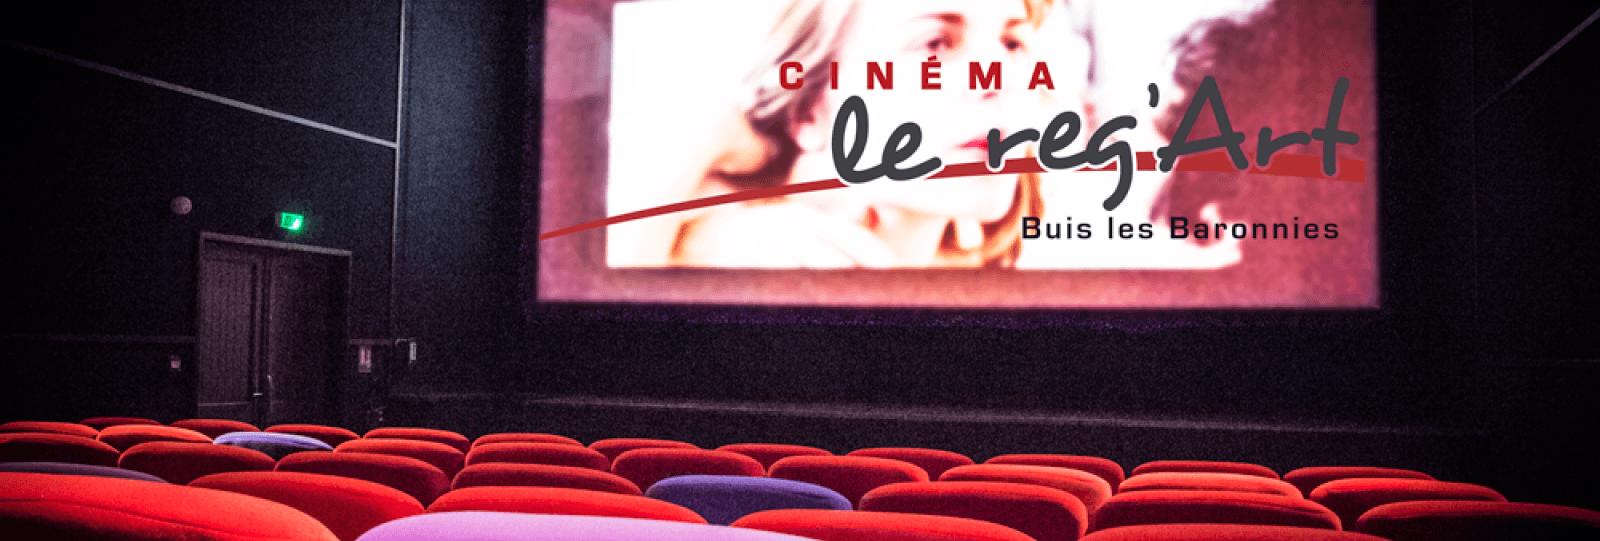 Cinéma 'le reg'Art'